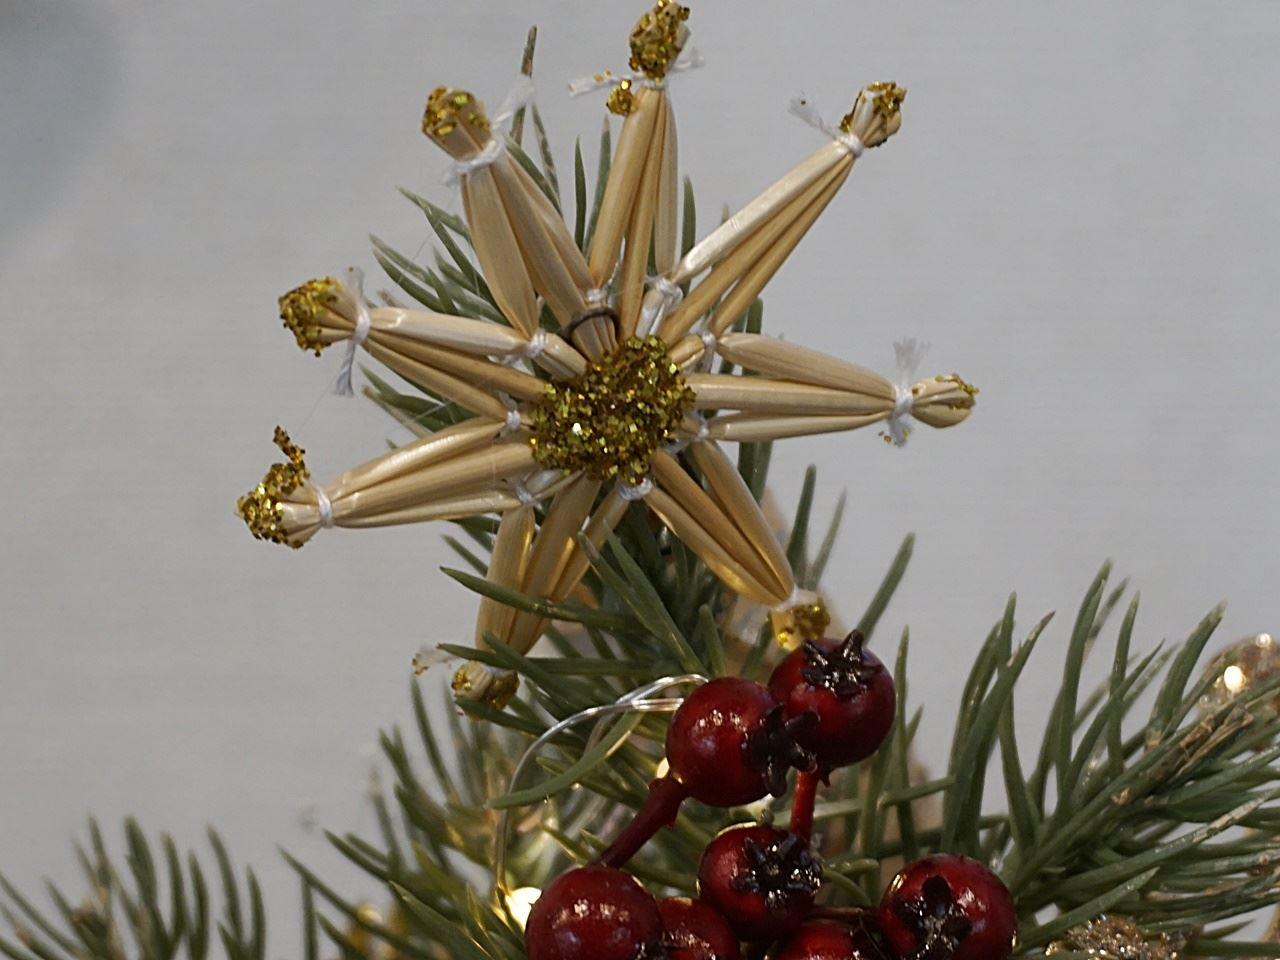 クリスマス アーティフィシャルツリーの藁の星